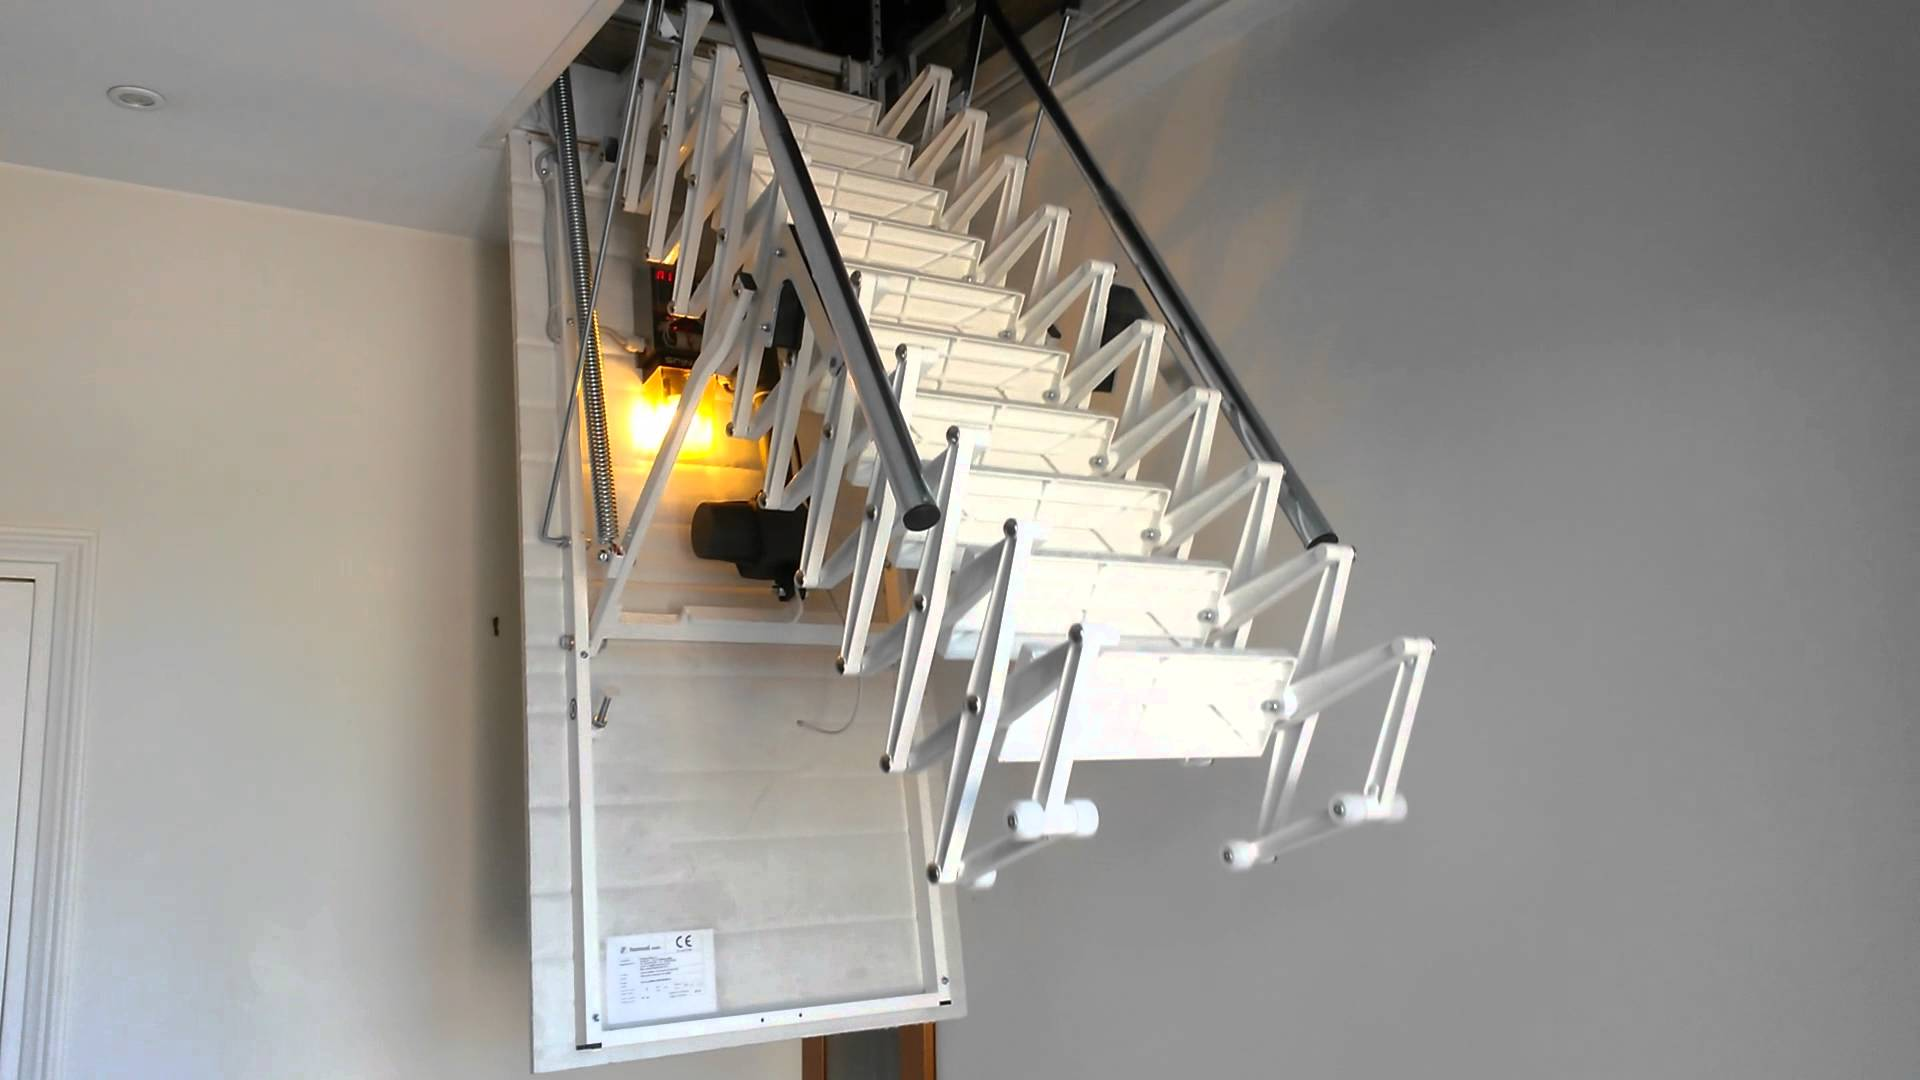 escalier trappe electrique